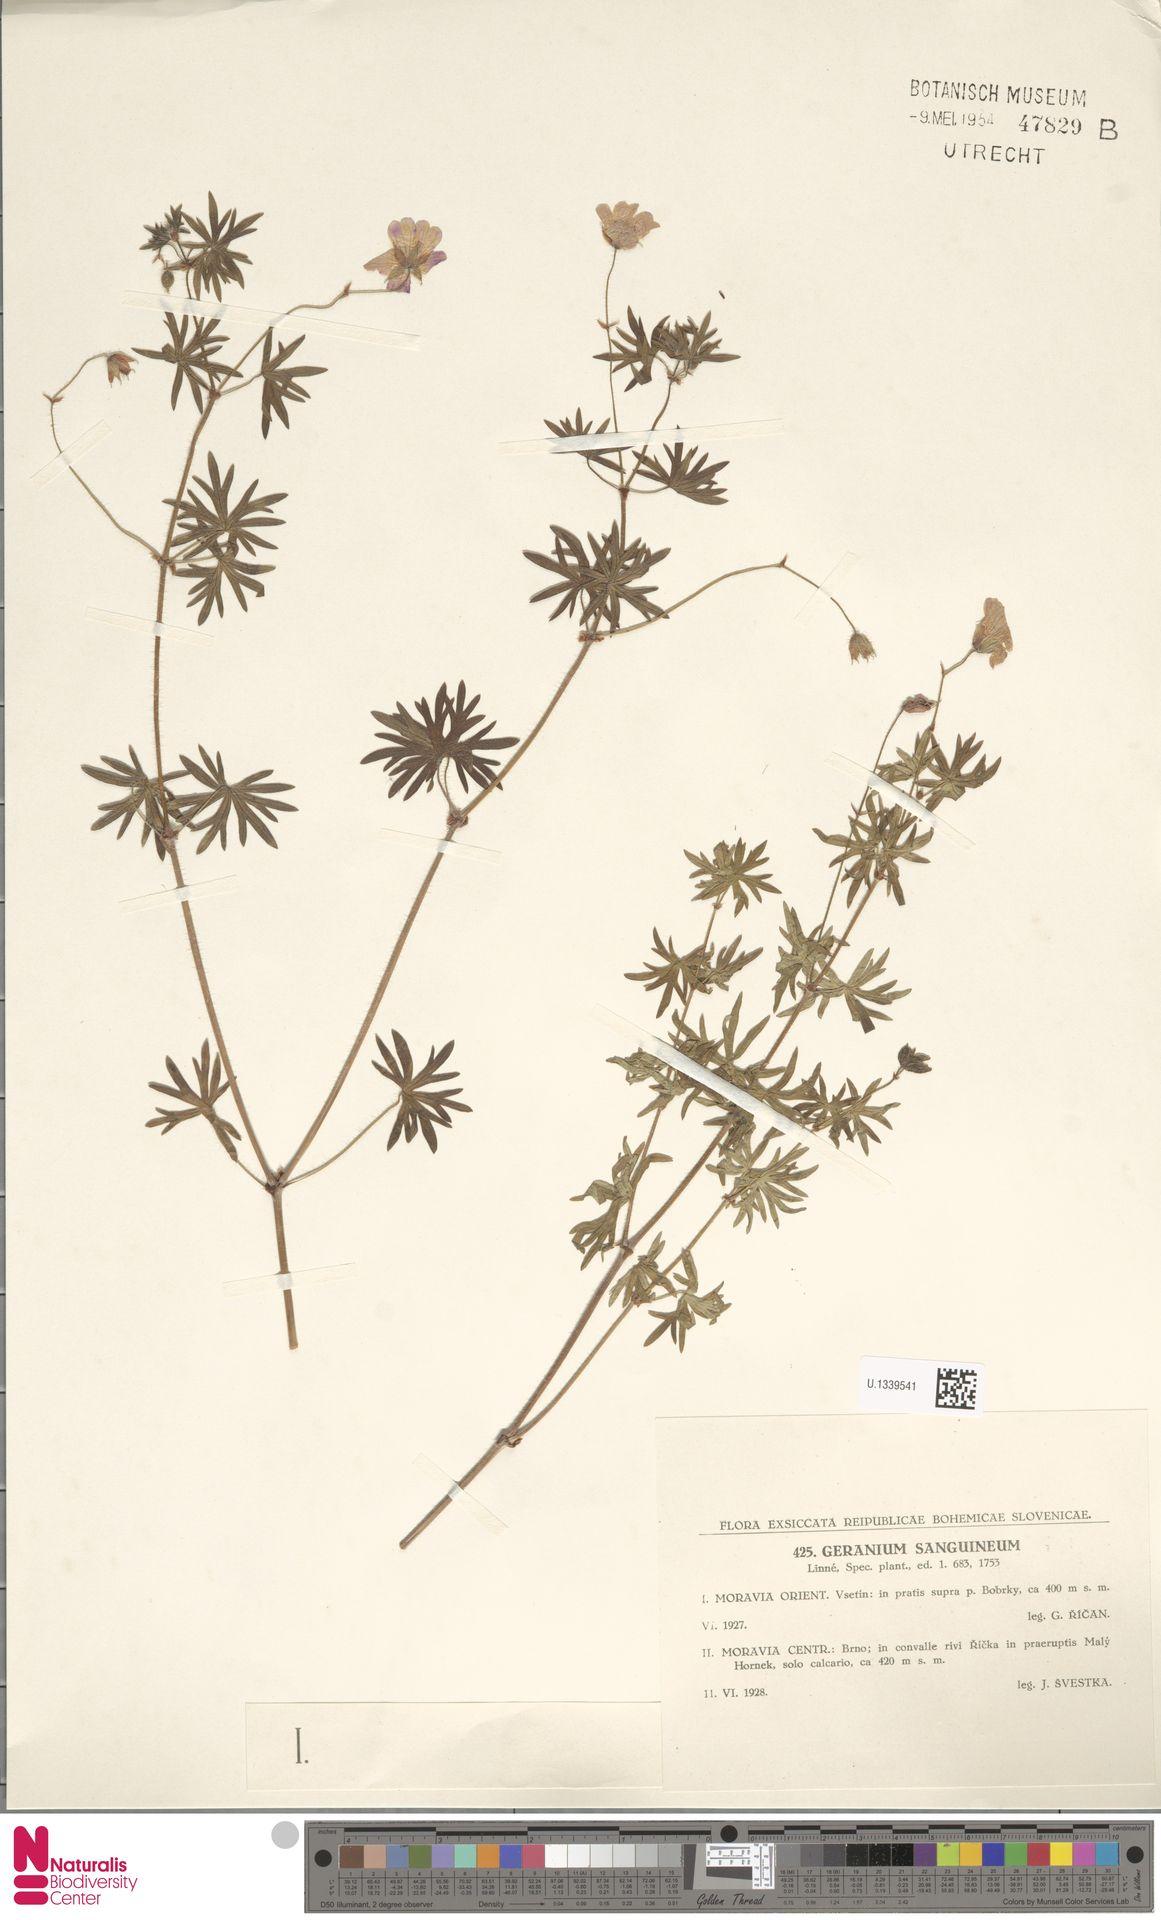 U.1339541 | Geranium sanguineum L.